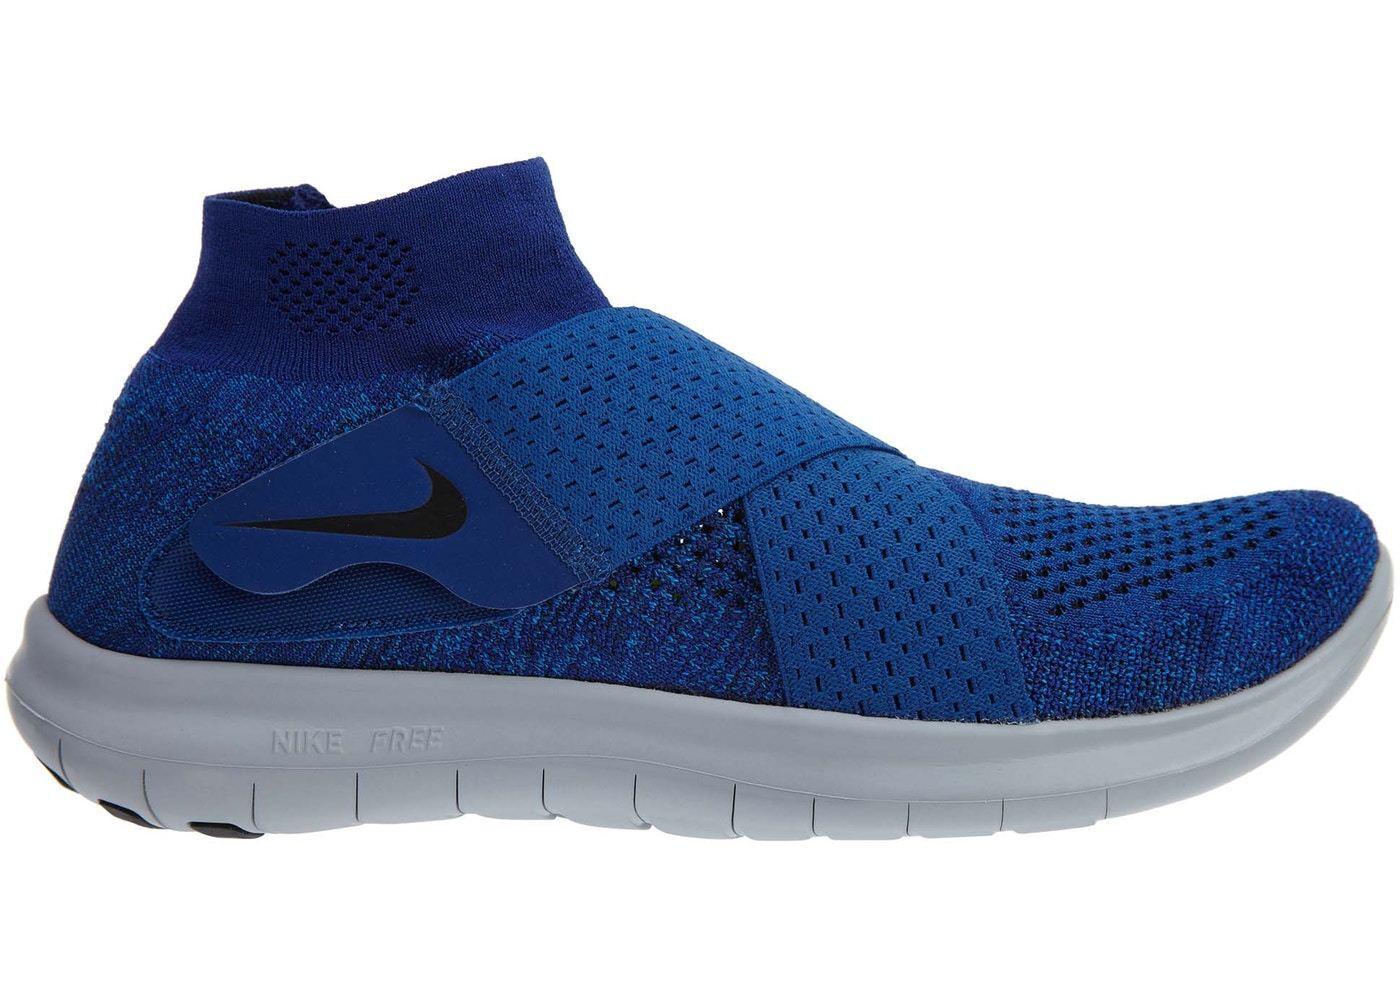 Maschera Nike Free RN Motion Flyed 2017 Running scarpe, 8808445  401 Multi Dimensiones Blu  trova il tuo preferito qui